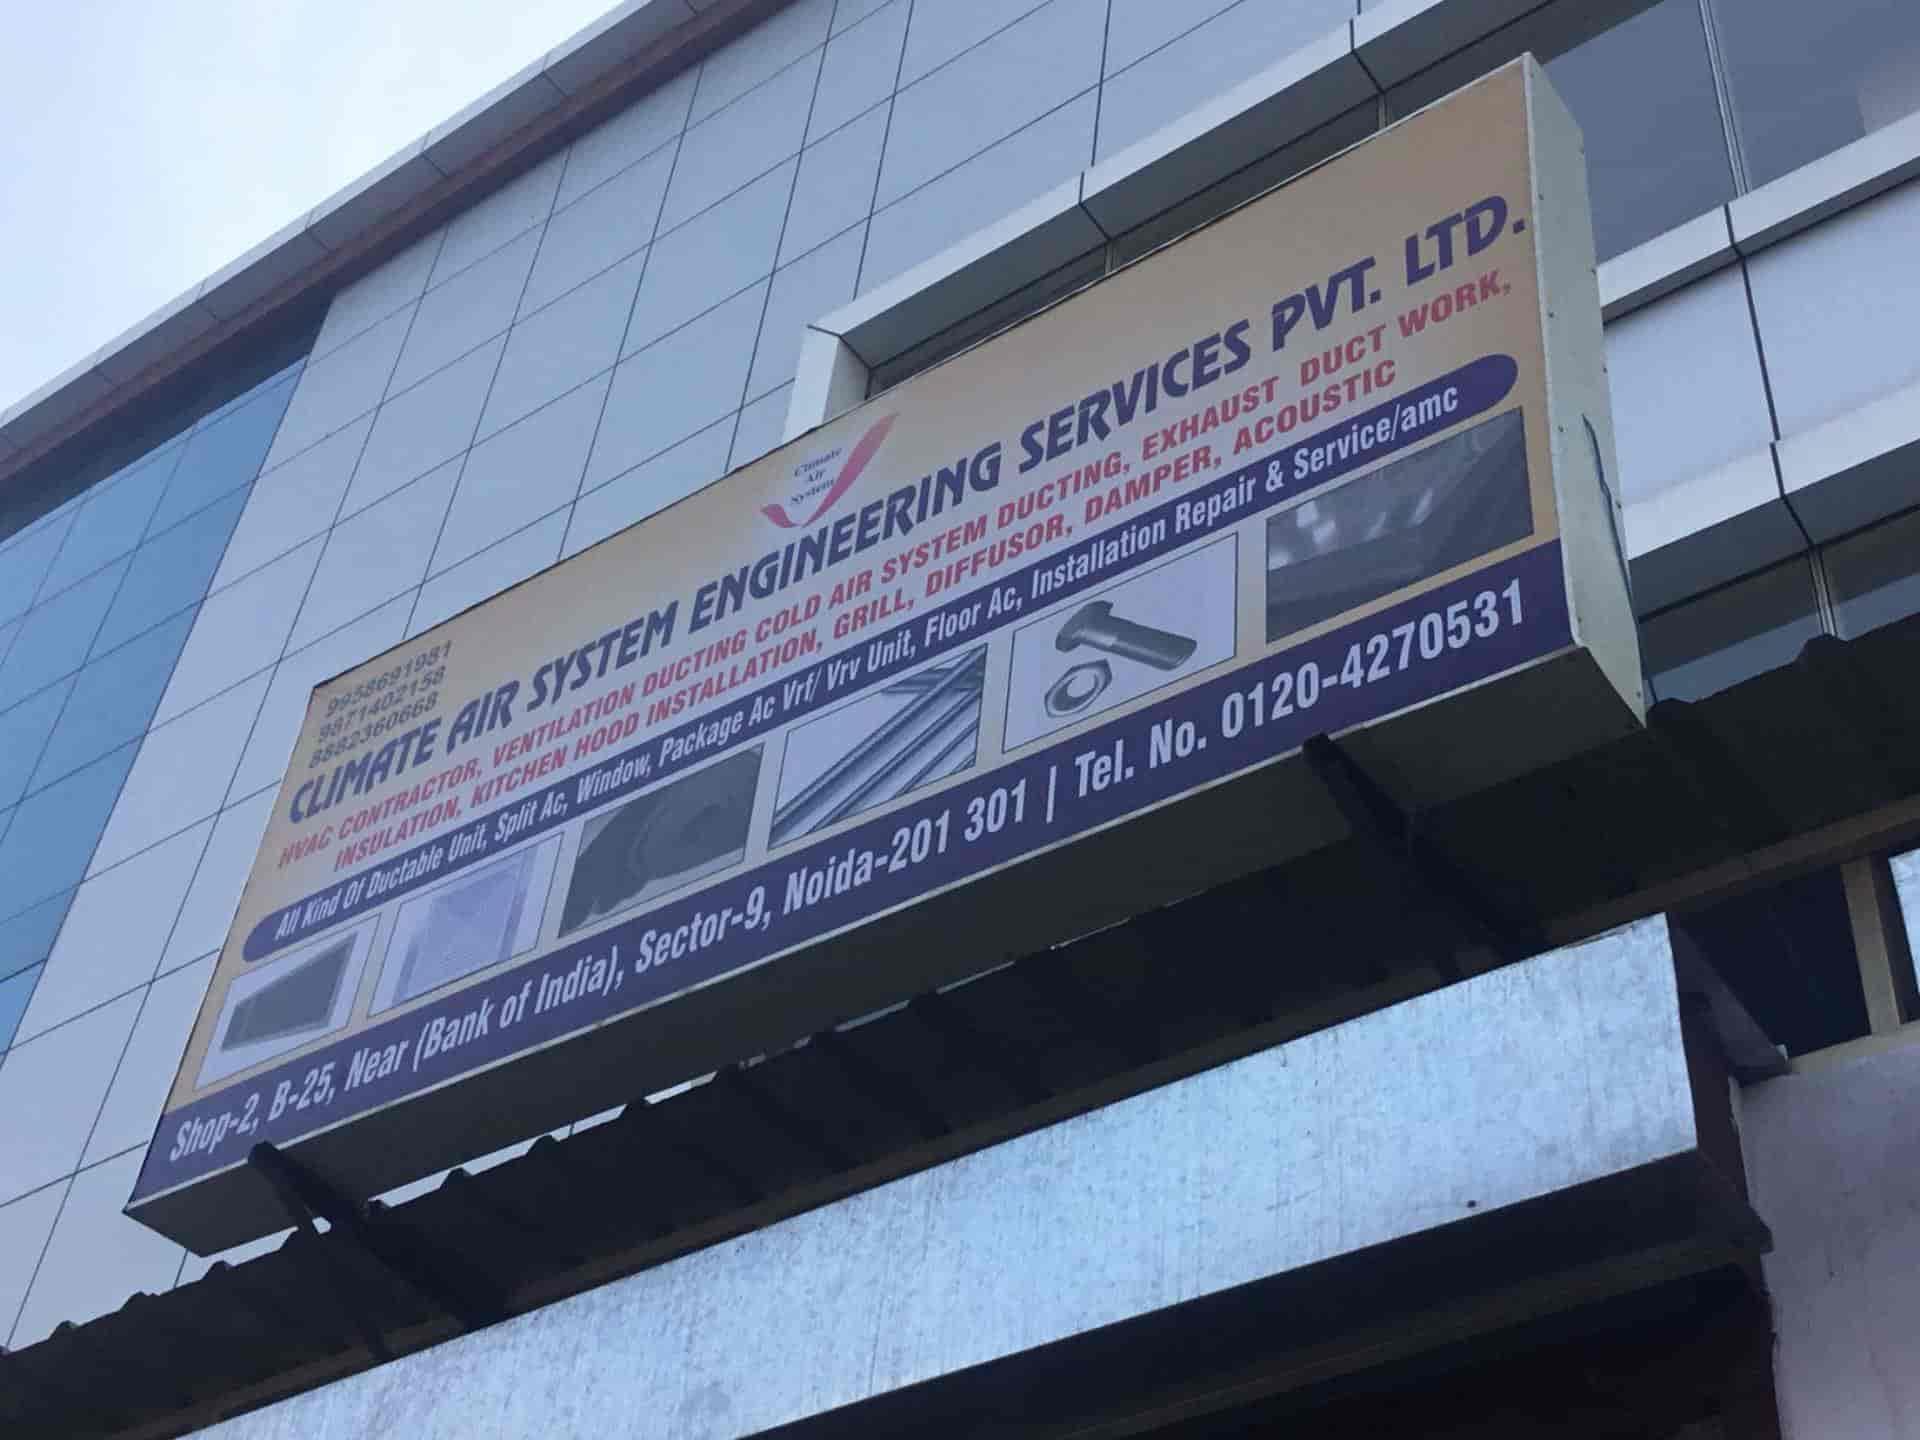 Ingenicomm Inc Engineering Services